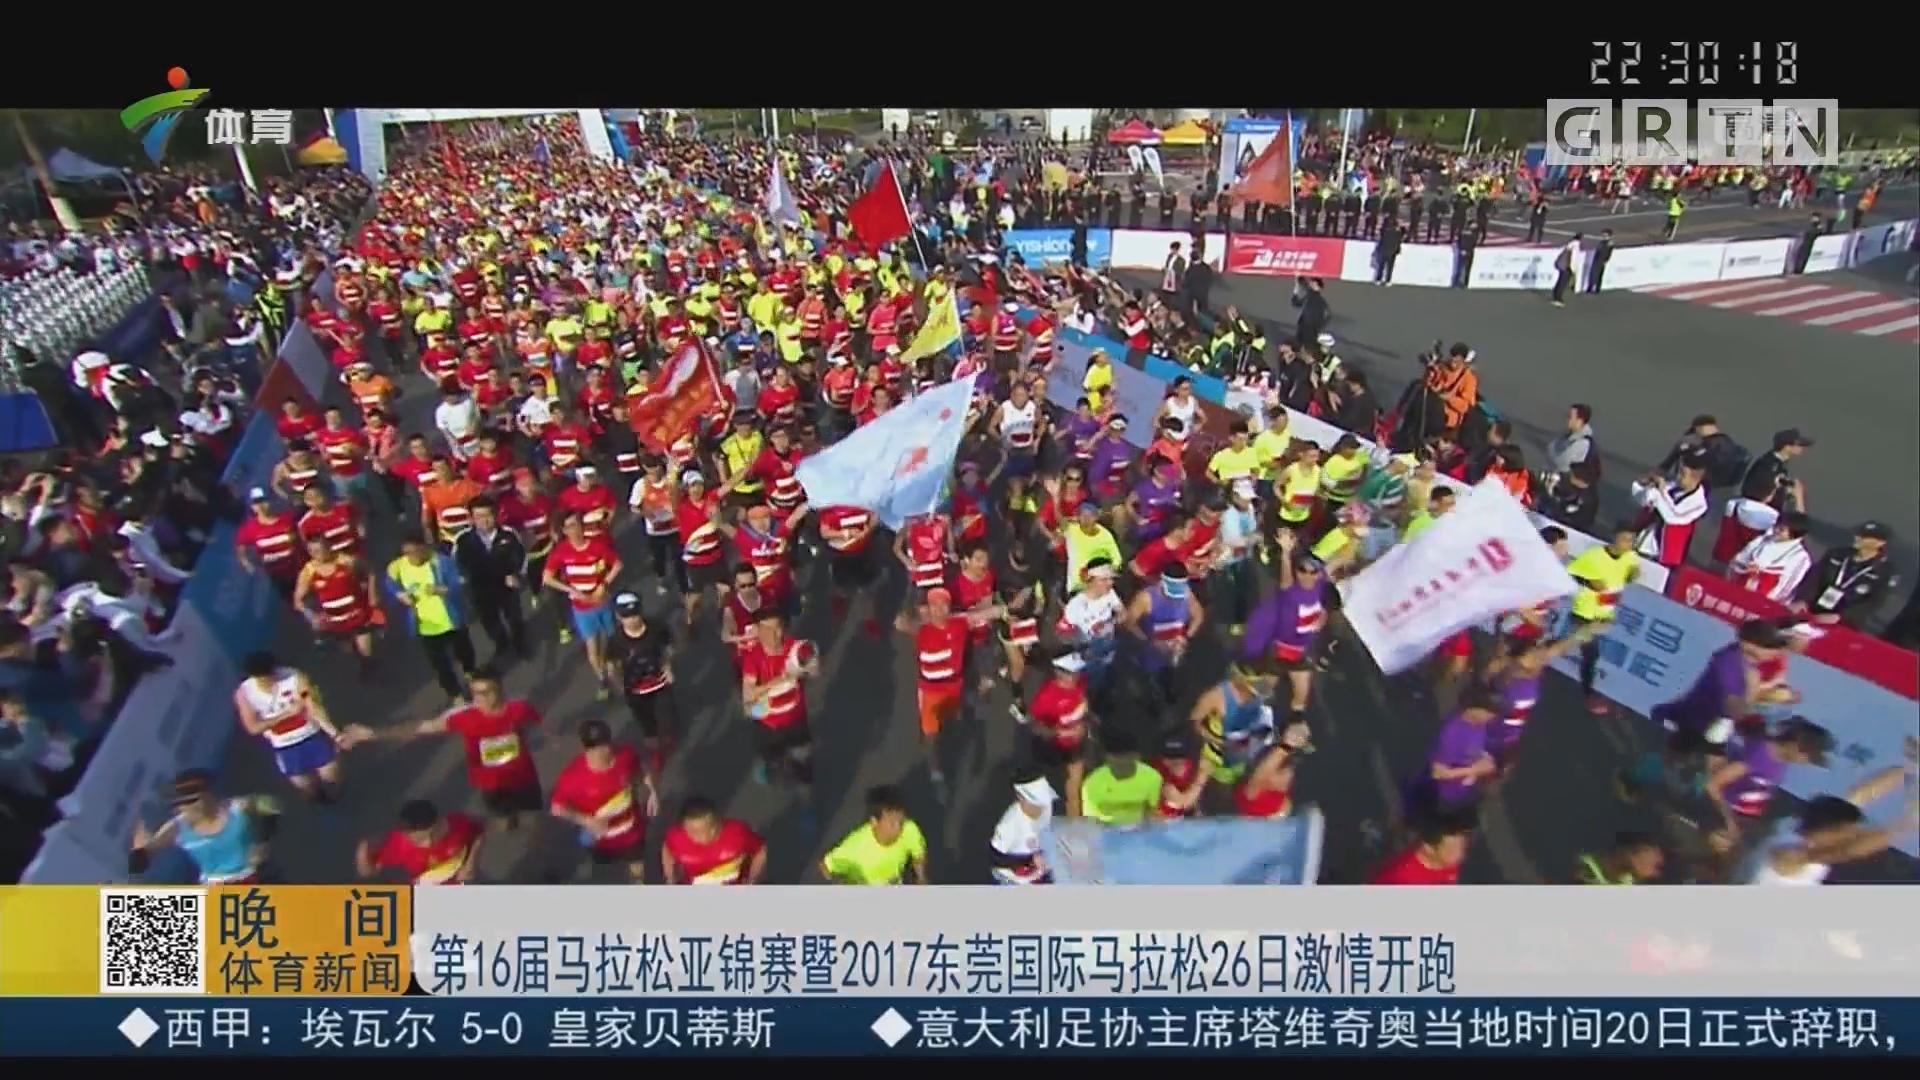 第16届马拉松亚锦赛暨2017东莞国际马拉松26日激情开跑